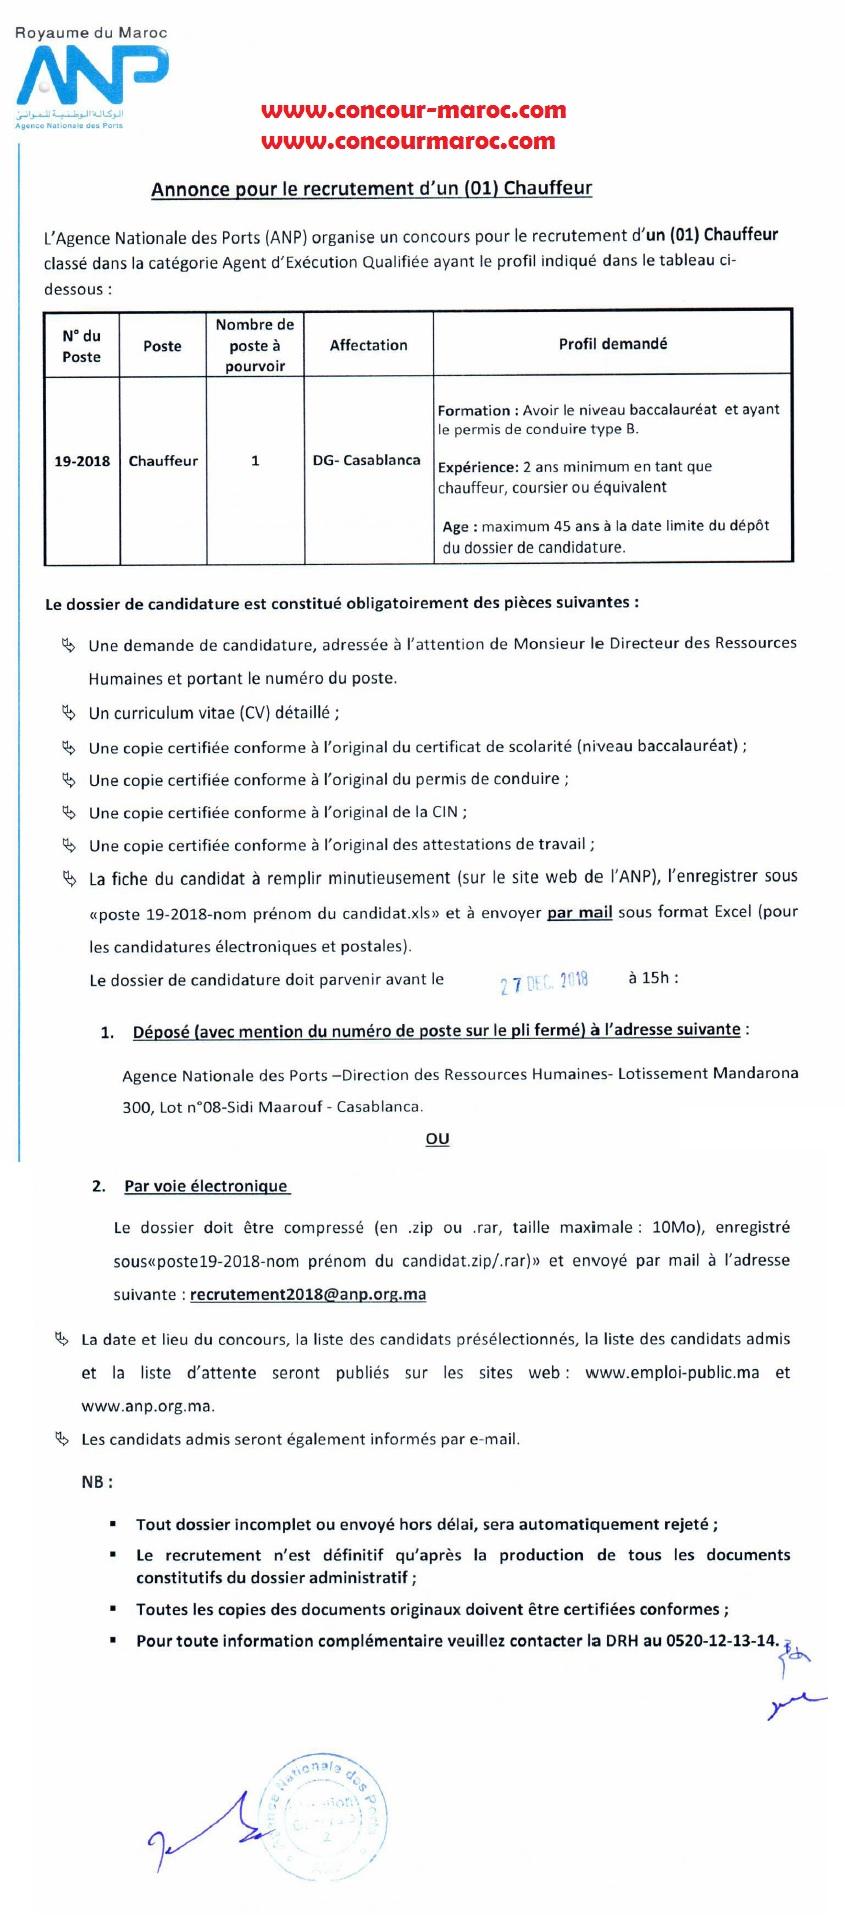 الوكالة الوطنية للموانئ : مباراة لتوظيف سائق آخر أجل لإيداع الترشيحات 27 دجنبر 2018  Anp_re12